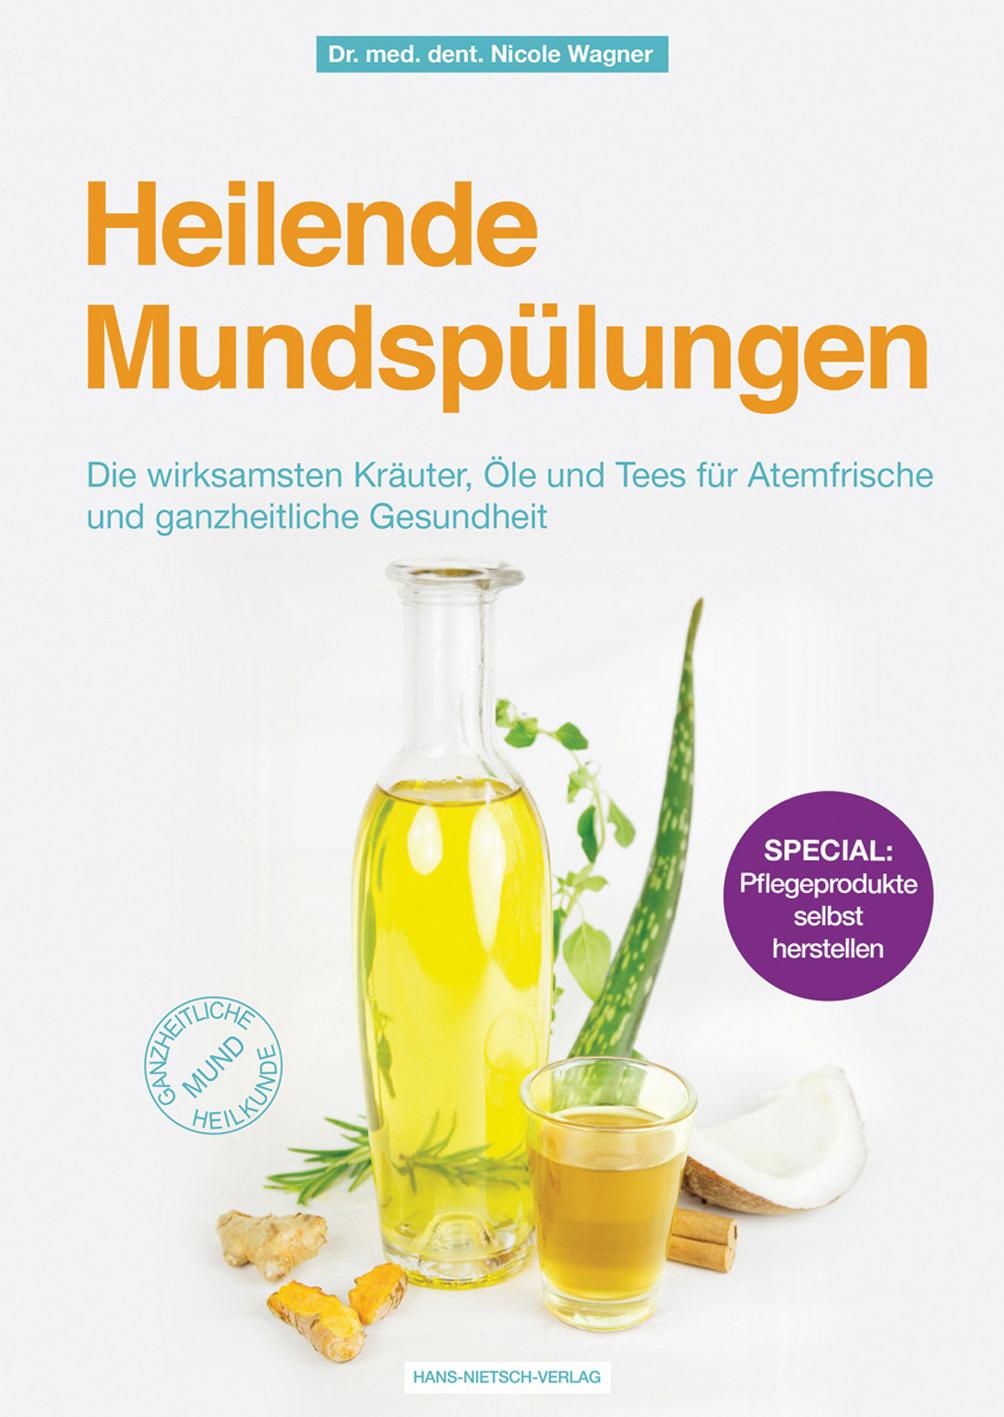 Heilende Mundspülungen. Die wirksamsten Kräuter, Öle und Tees für Atemfrische und ganzheitliche Gesundheit